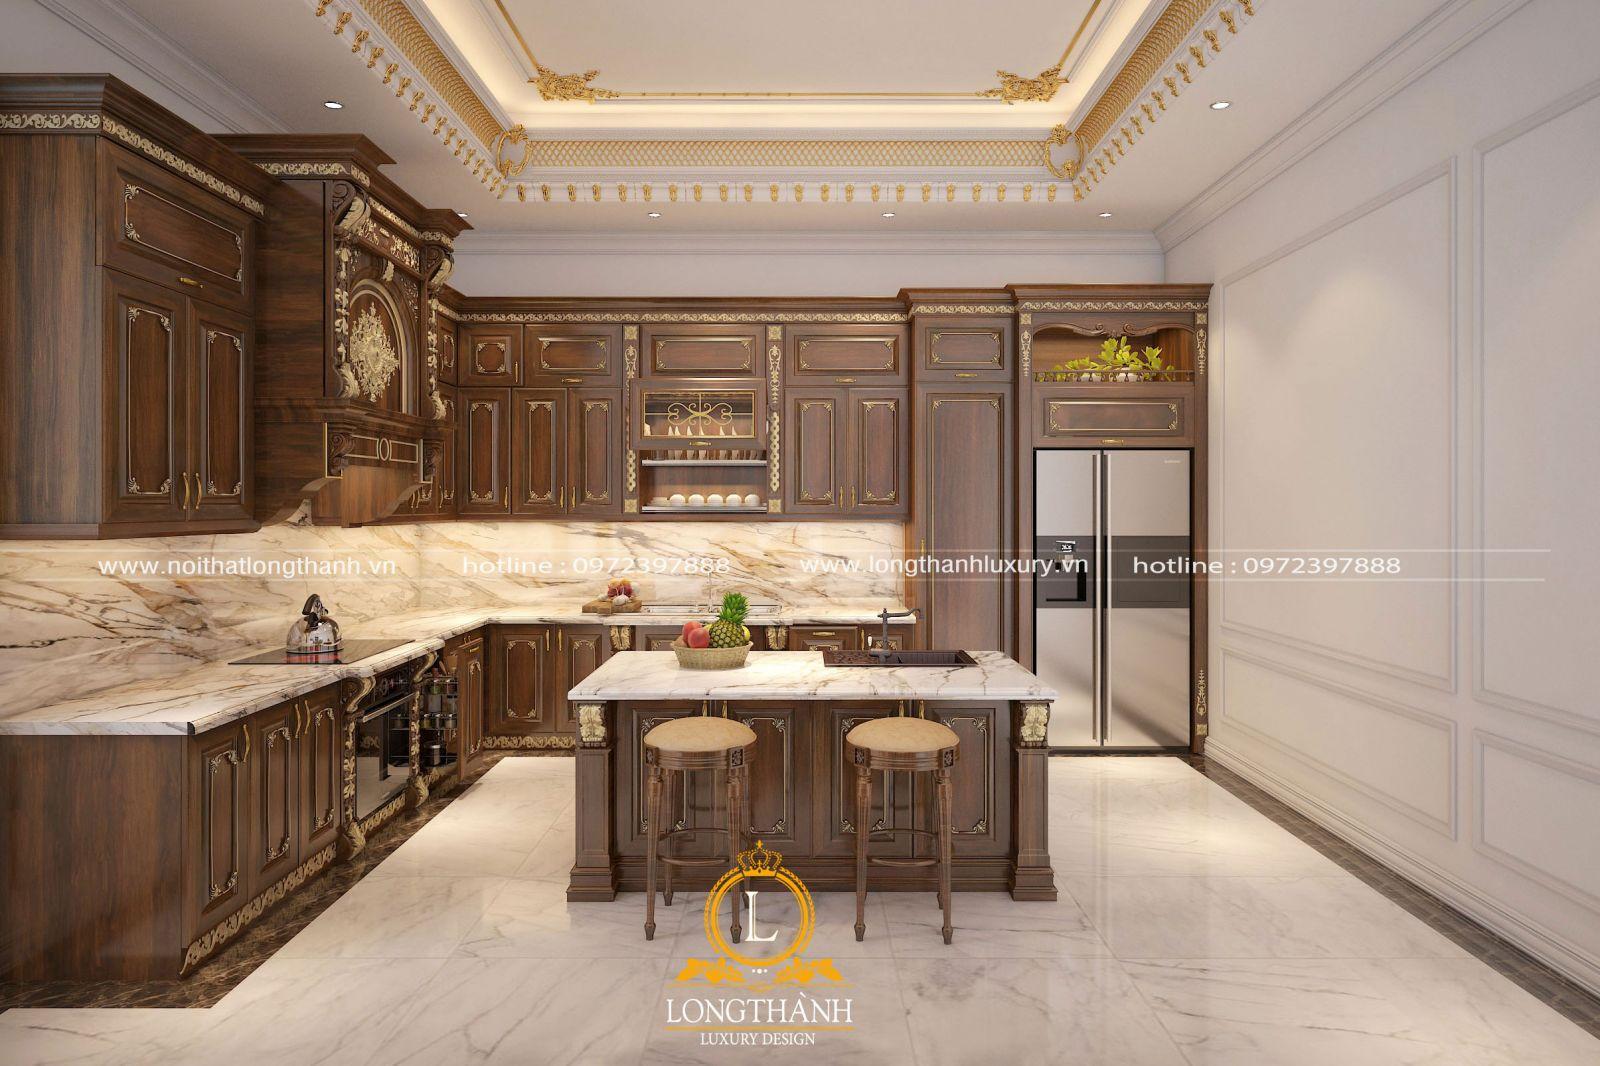 Thiết kế tủ bếp gỗ Gõ dành cho nhà biệt thự tân cổ điển